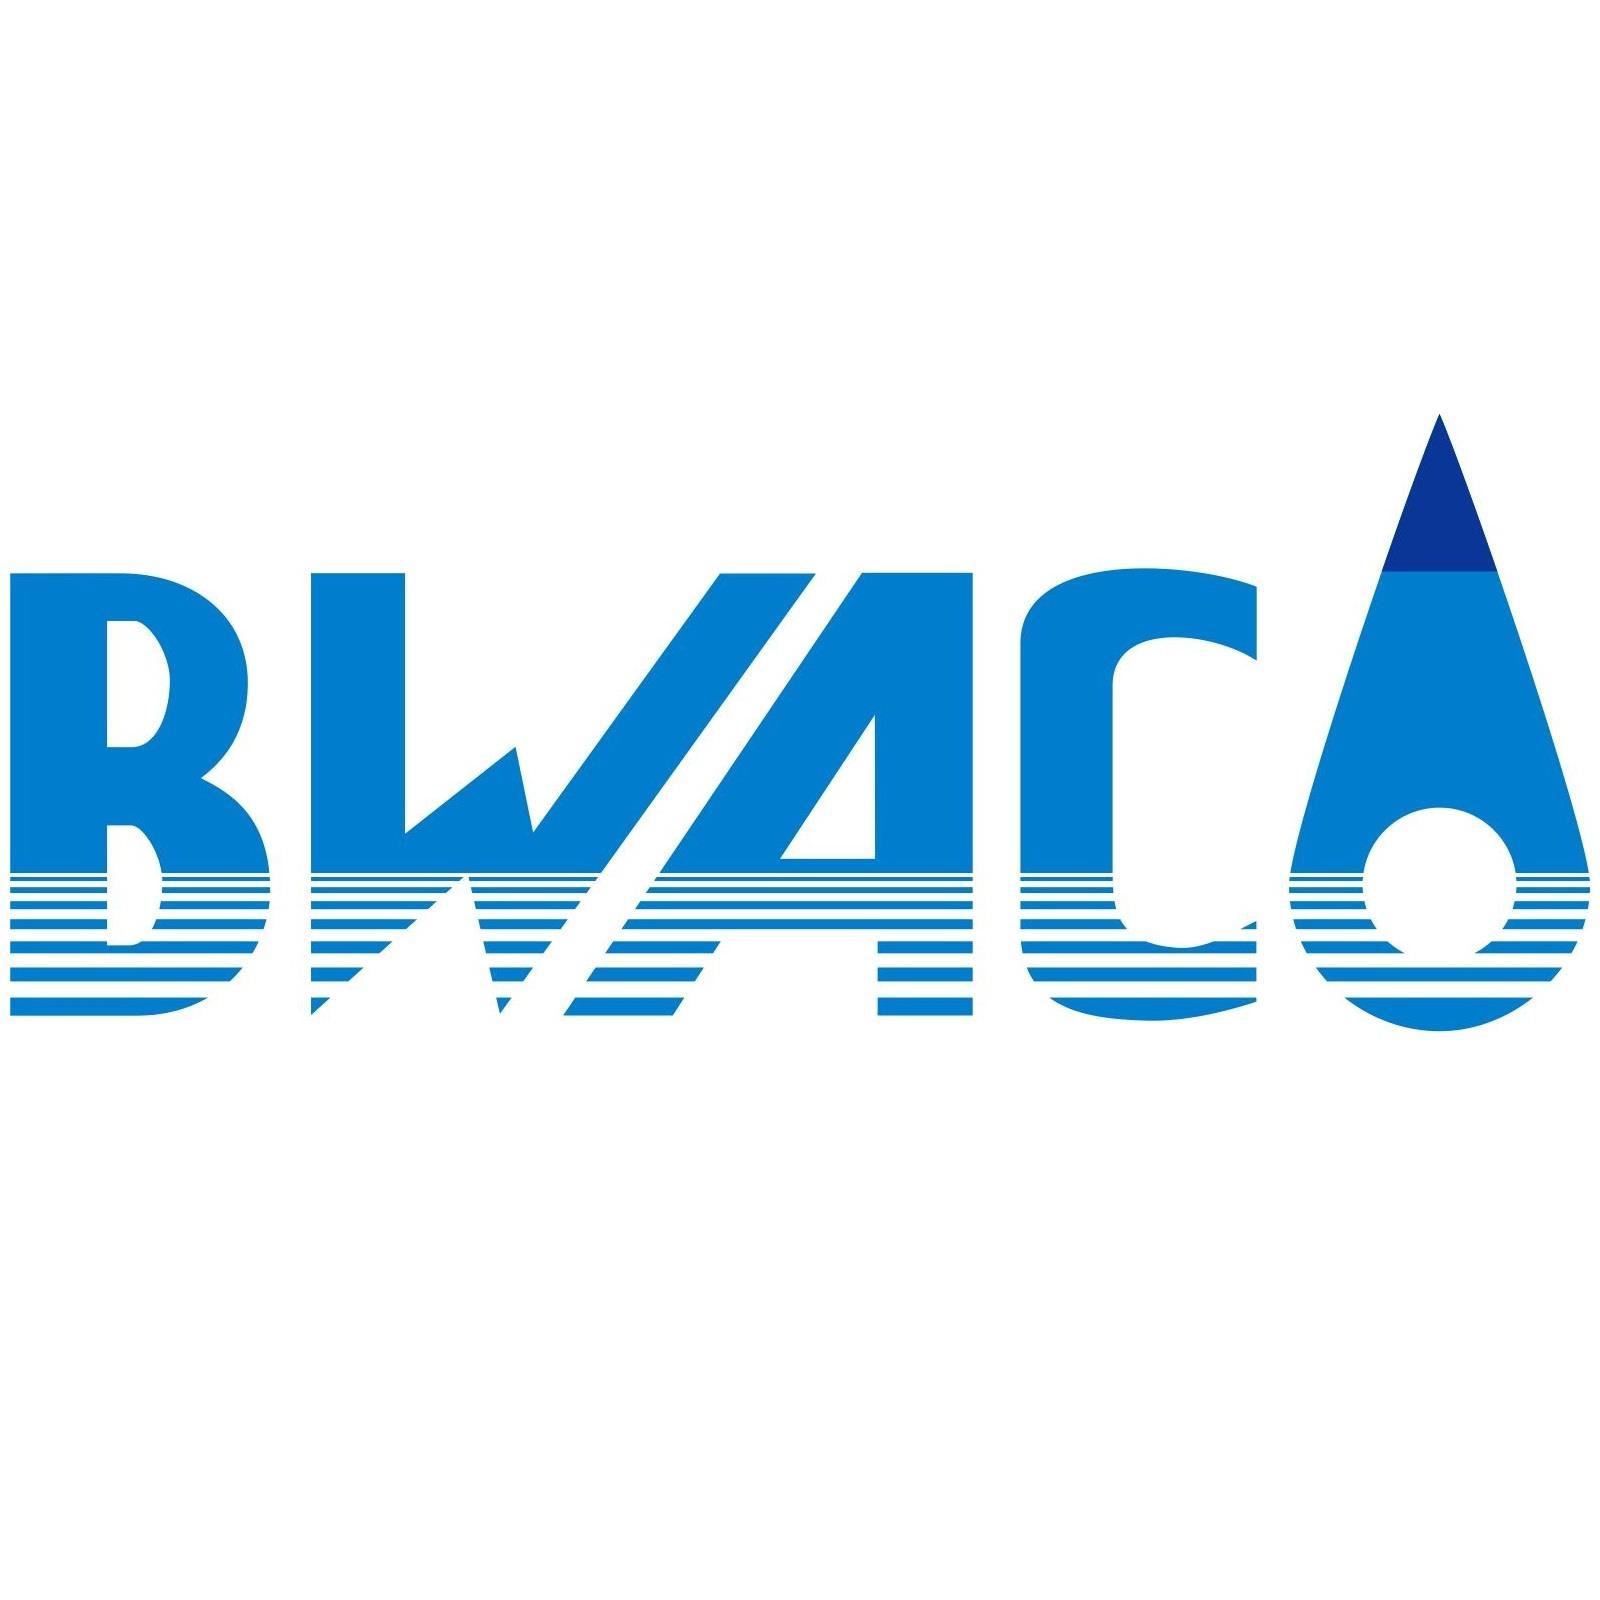 BWS: Thay đổi Giấy chứng nhận đăng ký kinh doanh